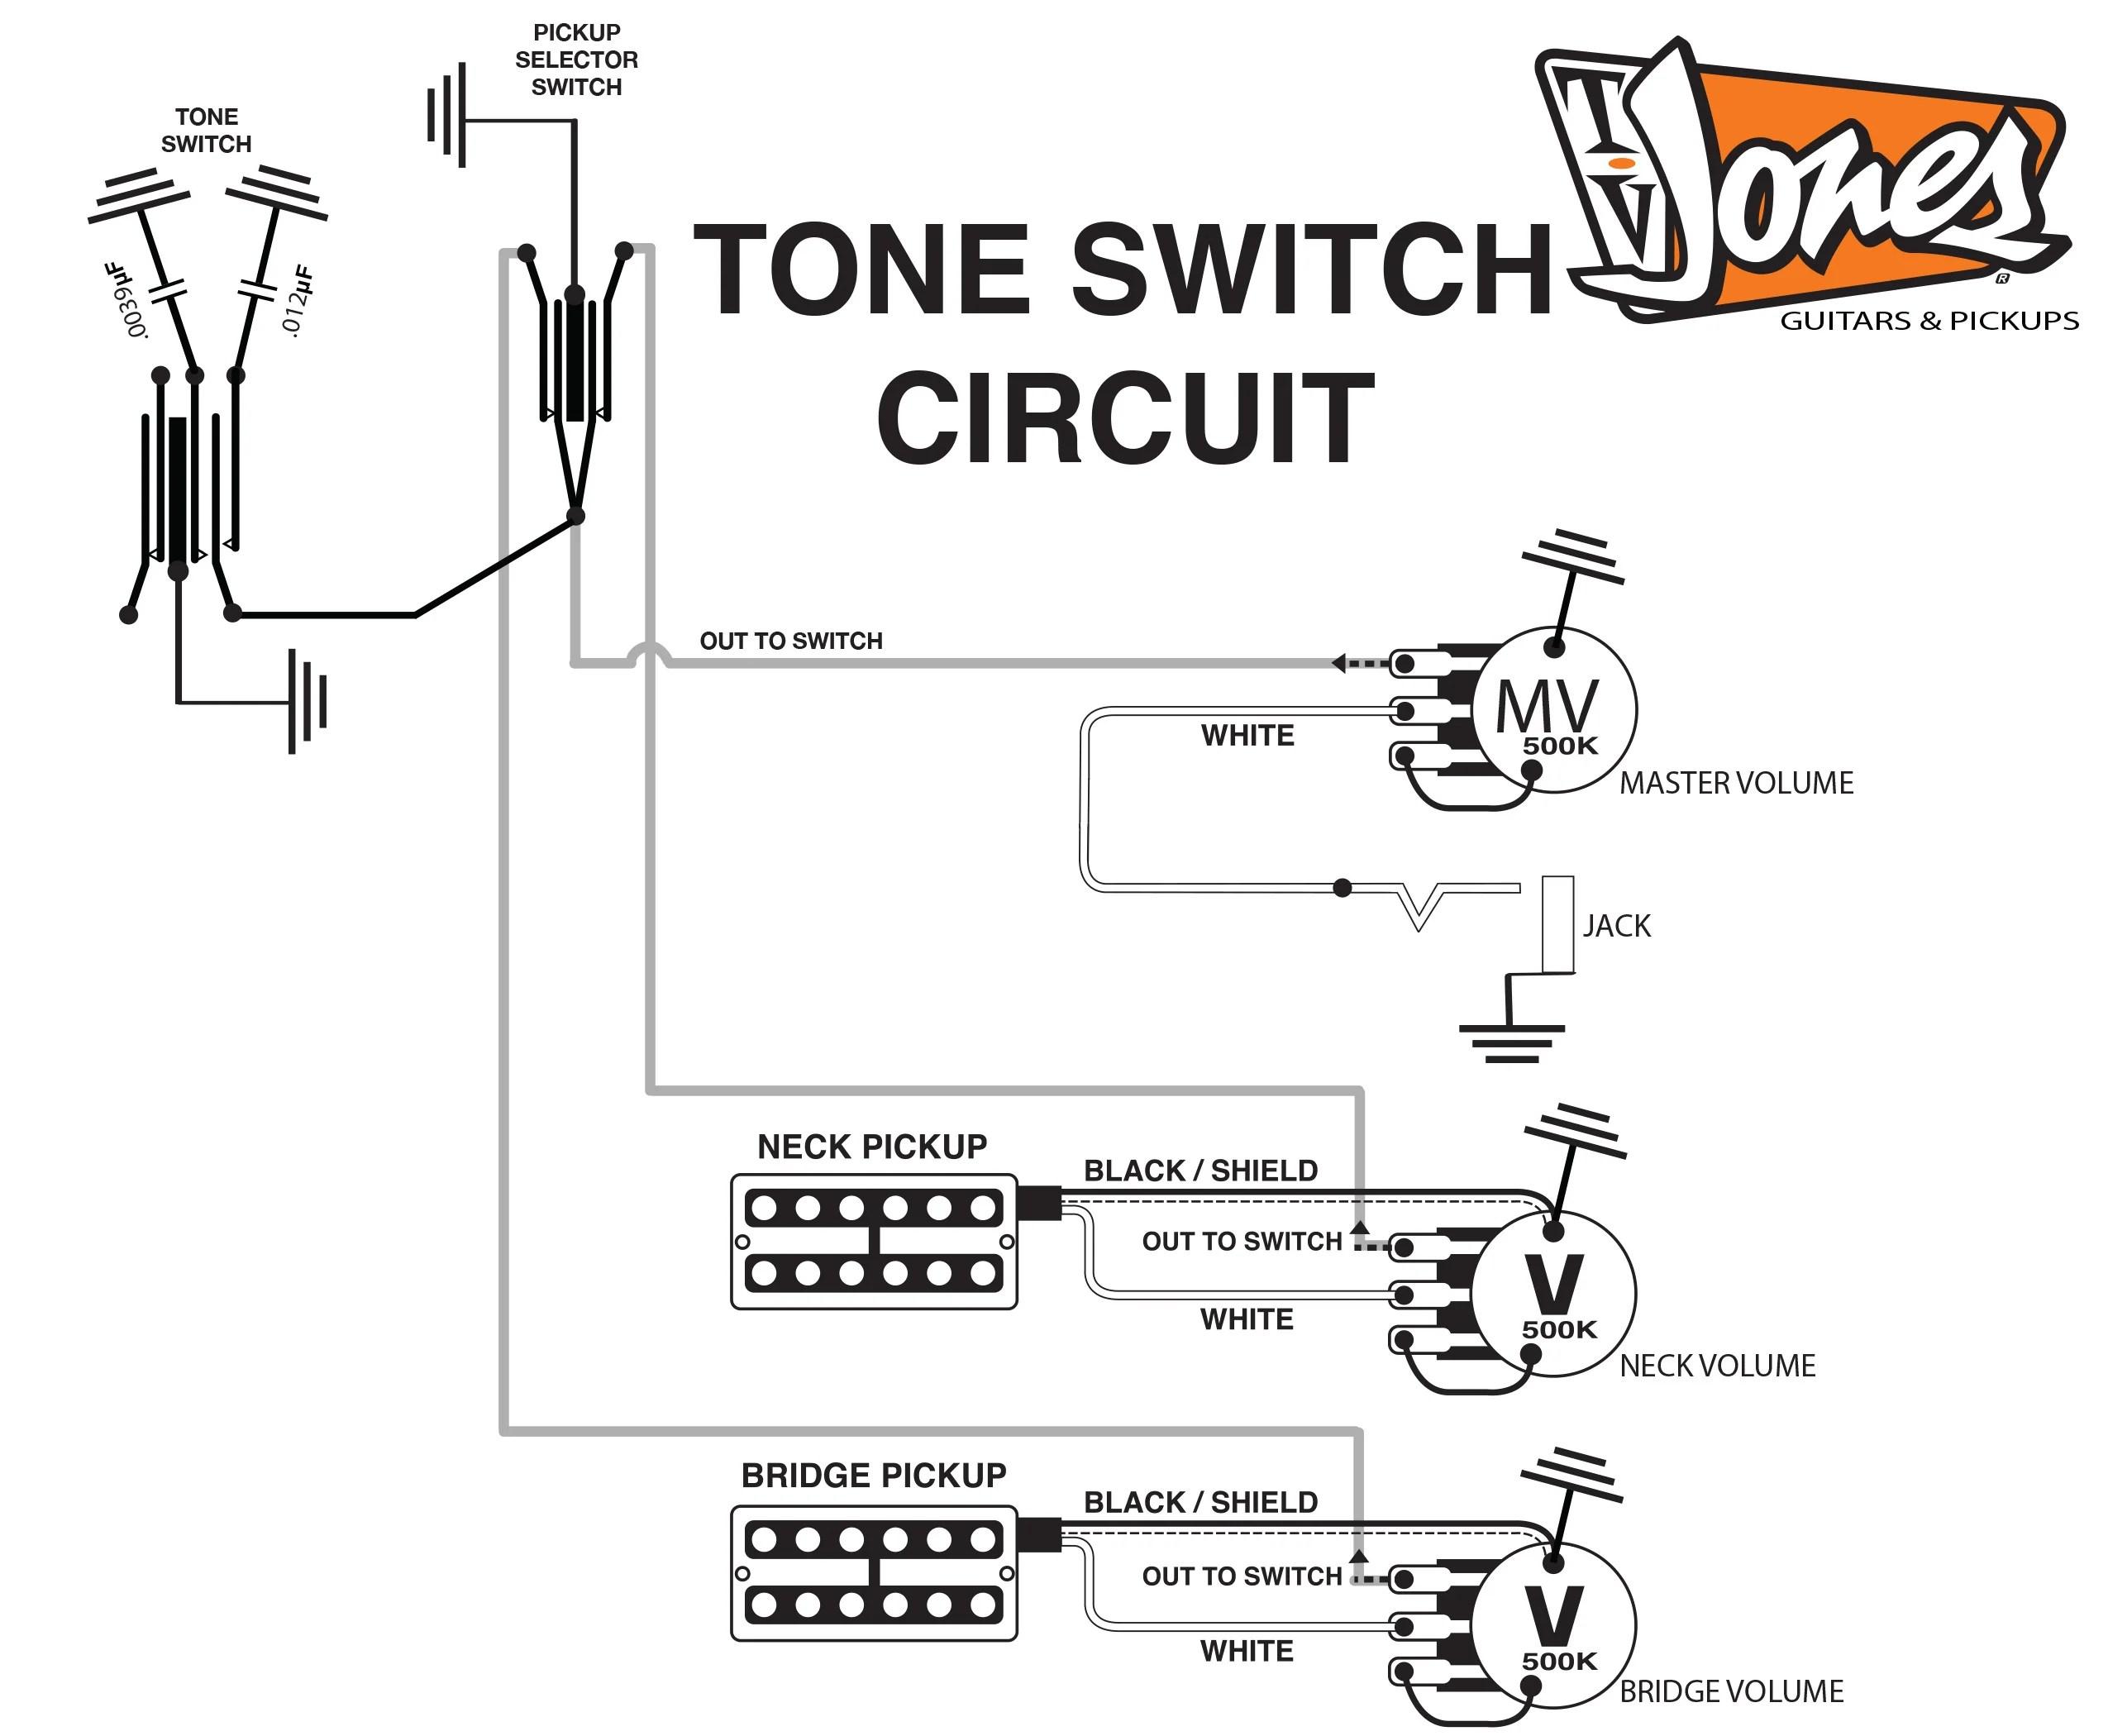 gretsch wiring diagram [ 2550 x 2100 Pixel ]